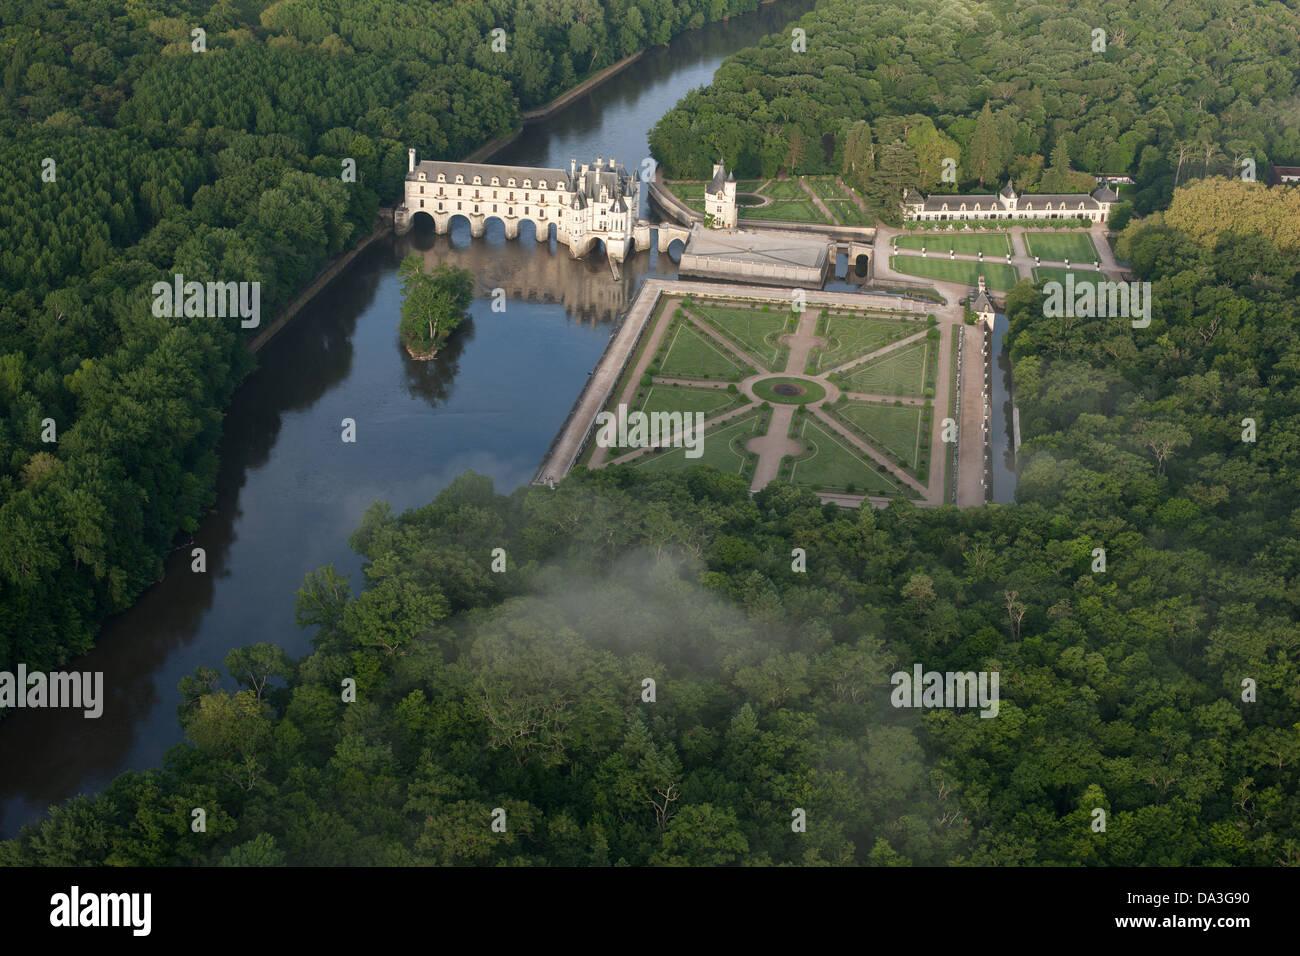 Castillo de Chenonceau sobre el río Cher (vista aérea). Ciudad de Chenonceaux, Indre-et-Loire, en el centro Imagen De Stock